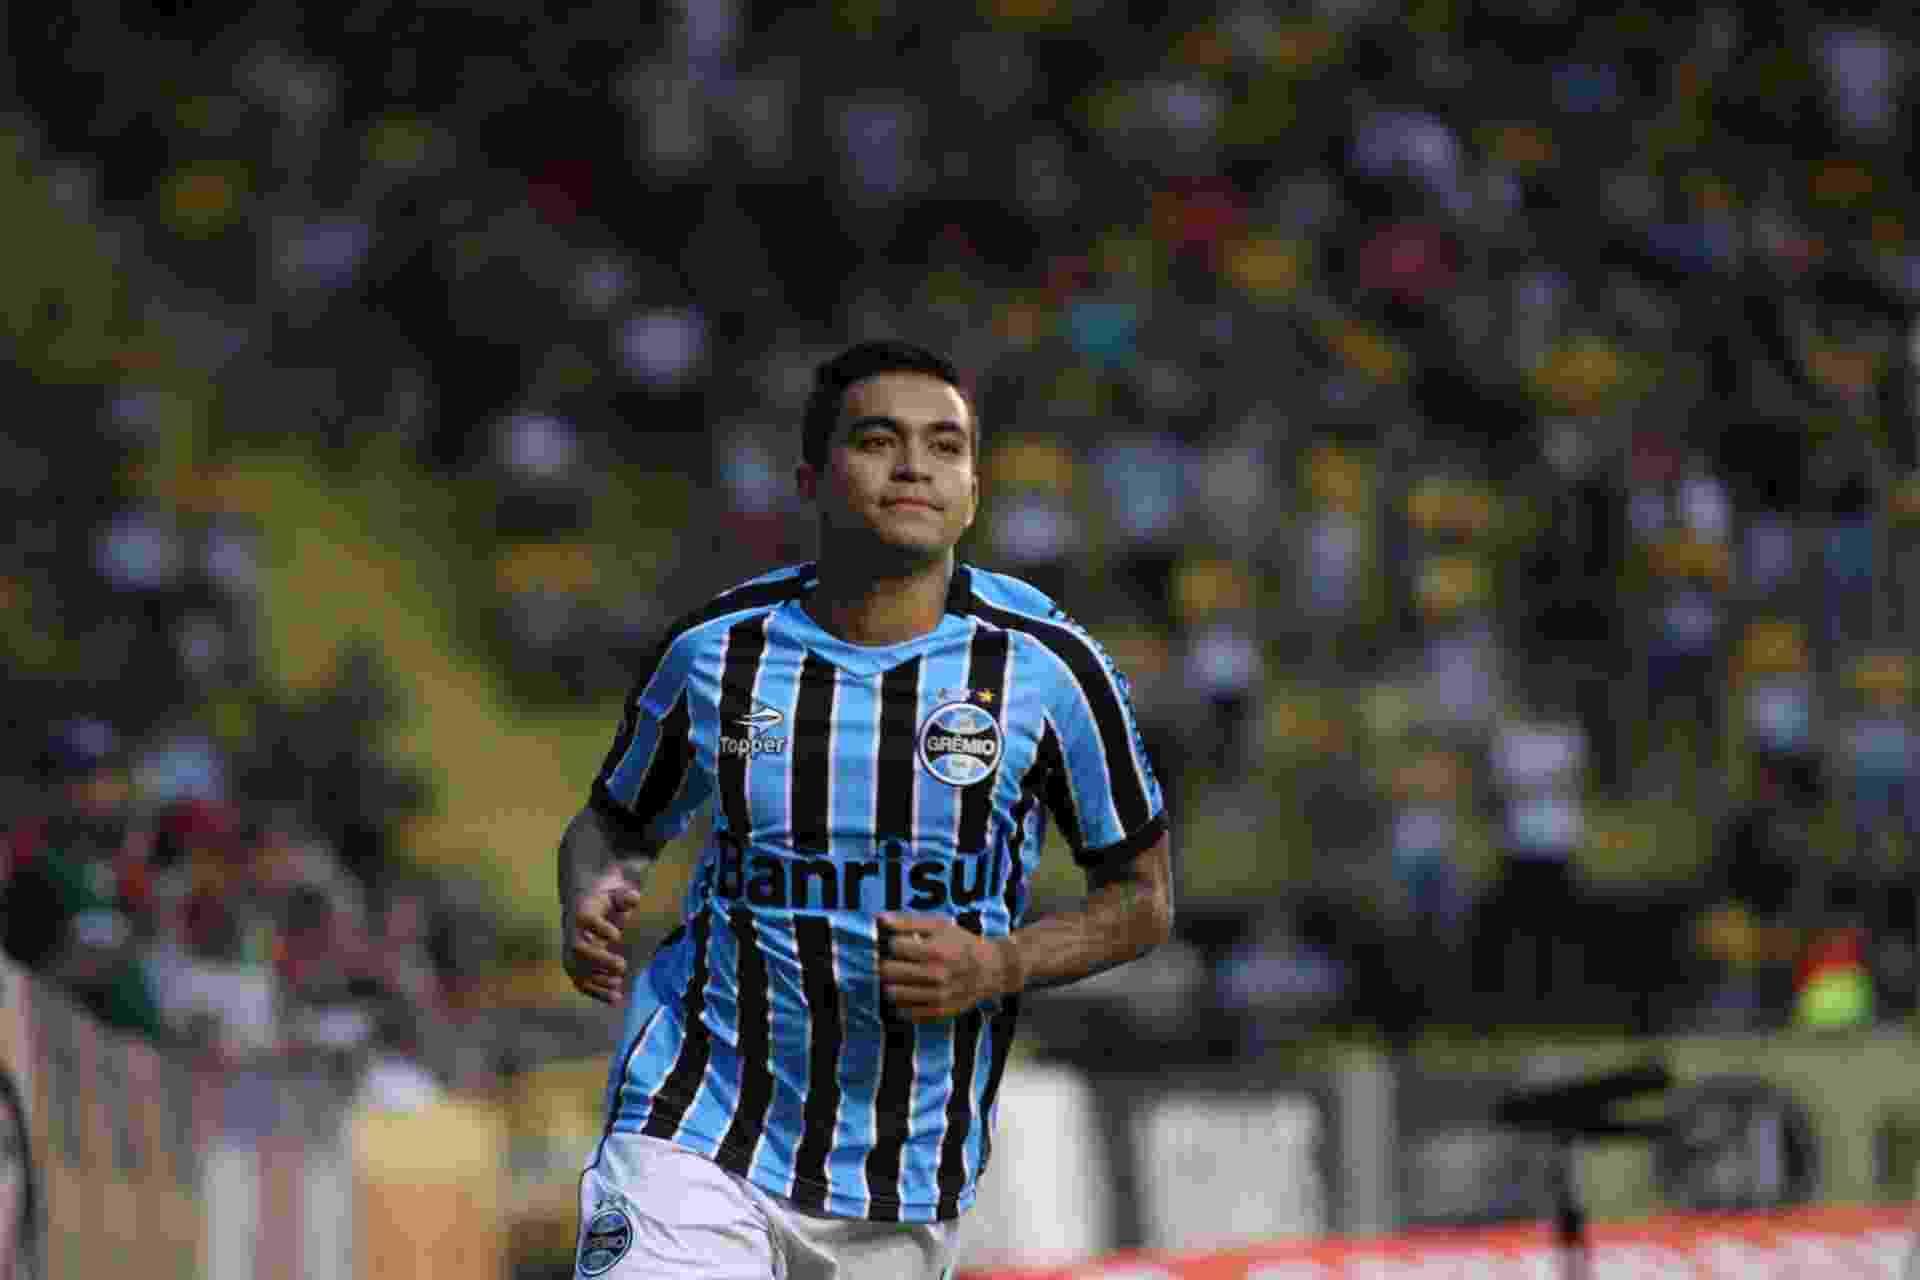 Dudu, do Grêmio, durante jogo contra o Criciúma - Alan Pedro/Getty Images